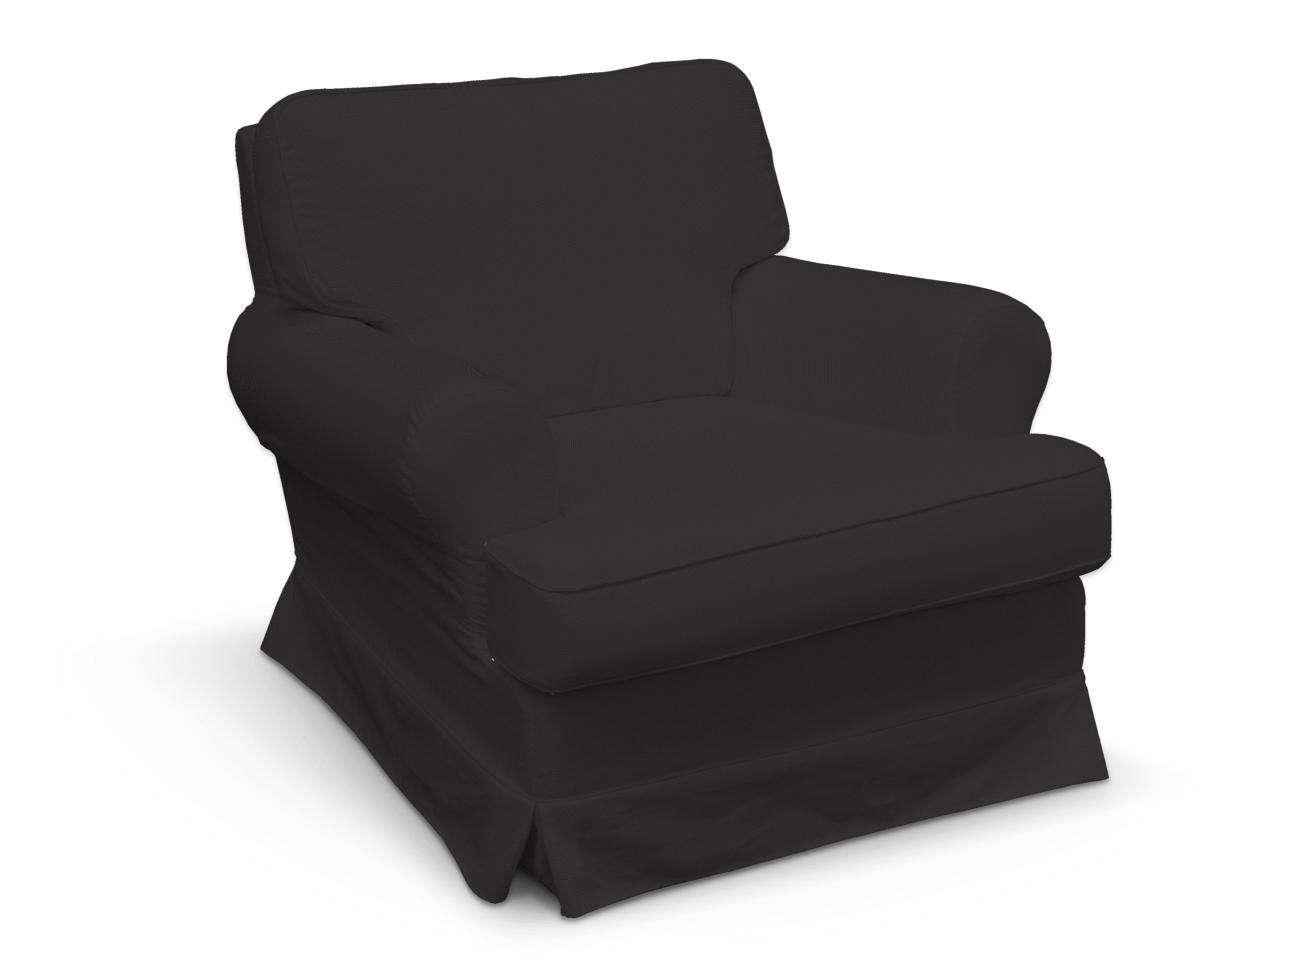 Barkaby fotelio užvalkalas Barkaby fotelio užvalkalas kolekcijoje Cotton Panama, audinys: 702-08